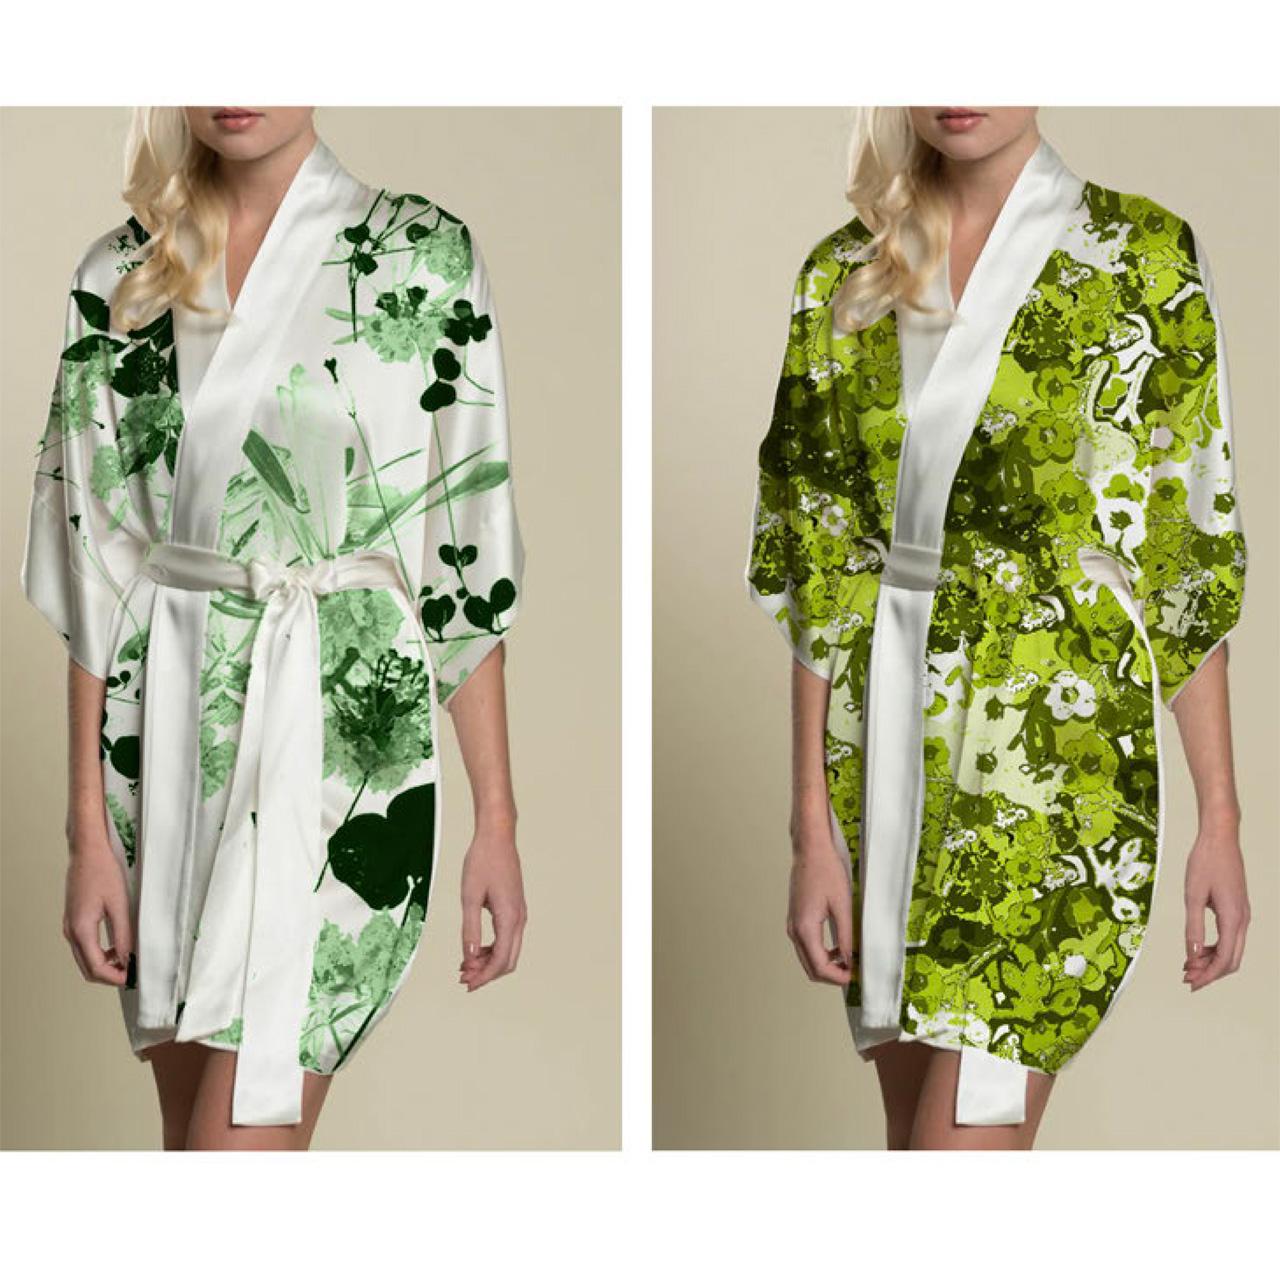 ivana helsinki bathrobes green